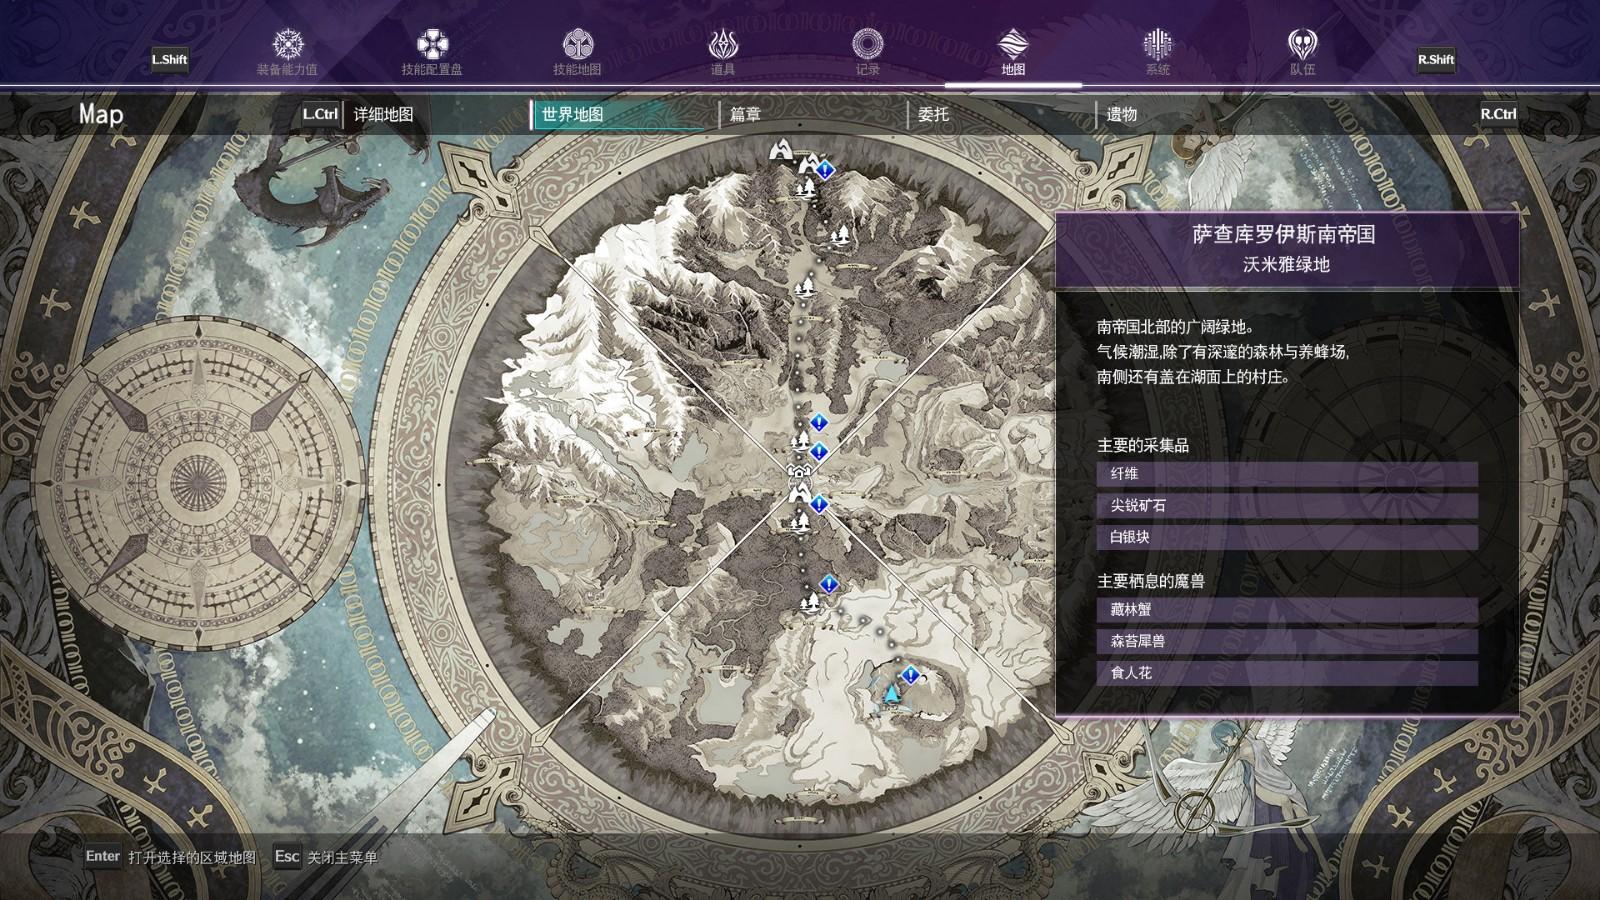 《刀剑神域:彼岸游境》评测:粗糙的优化摧毁游戏体验 (15)